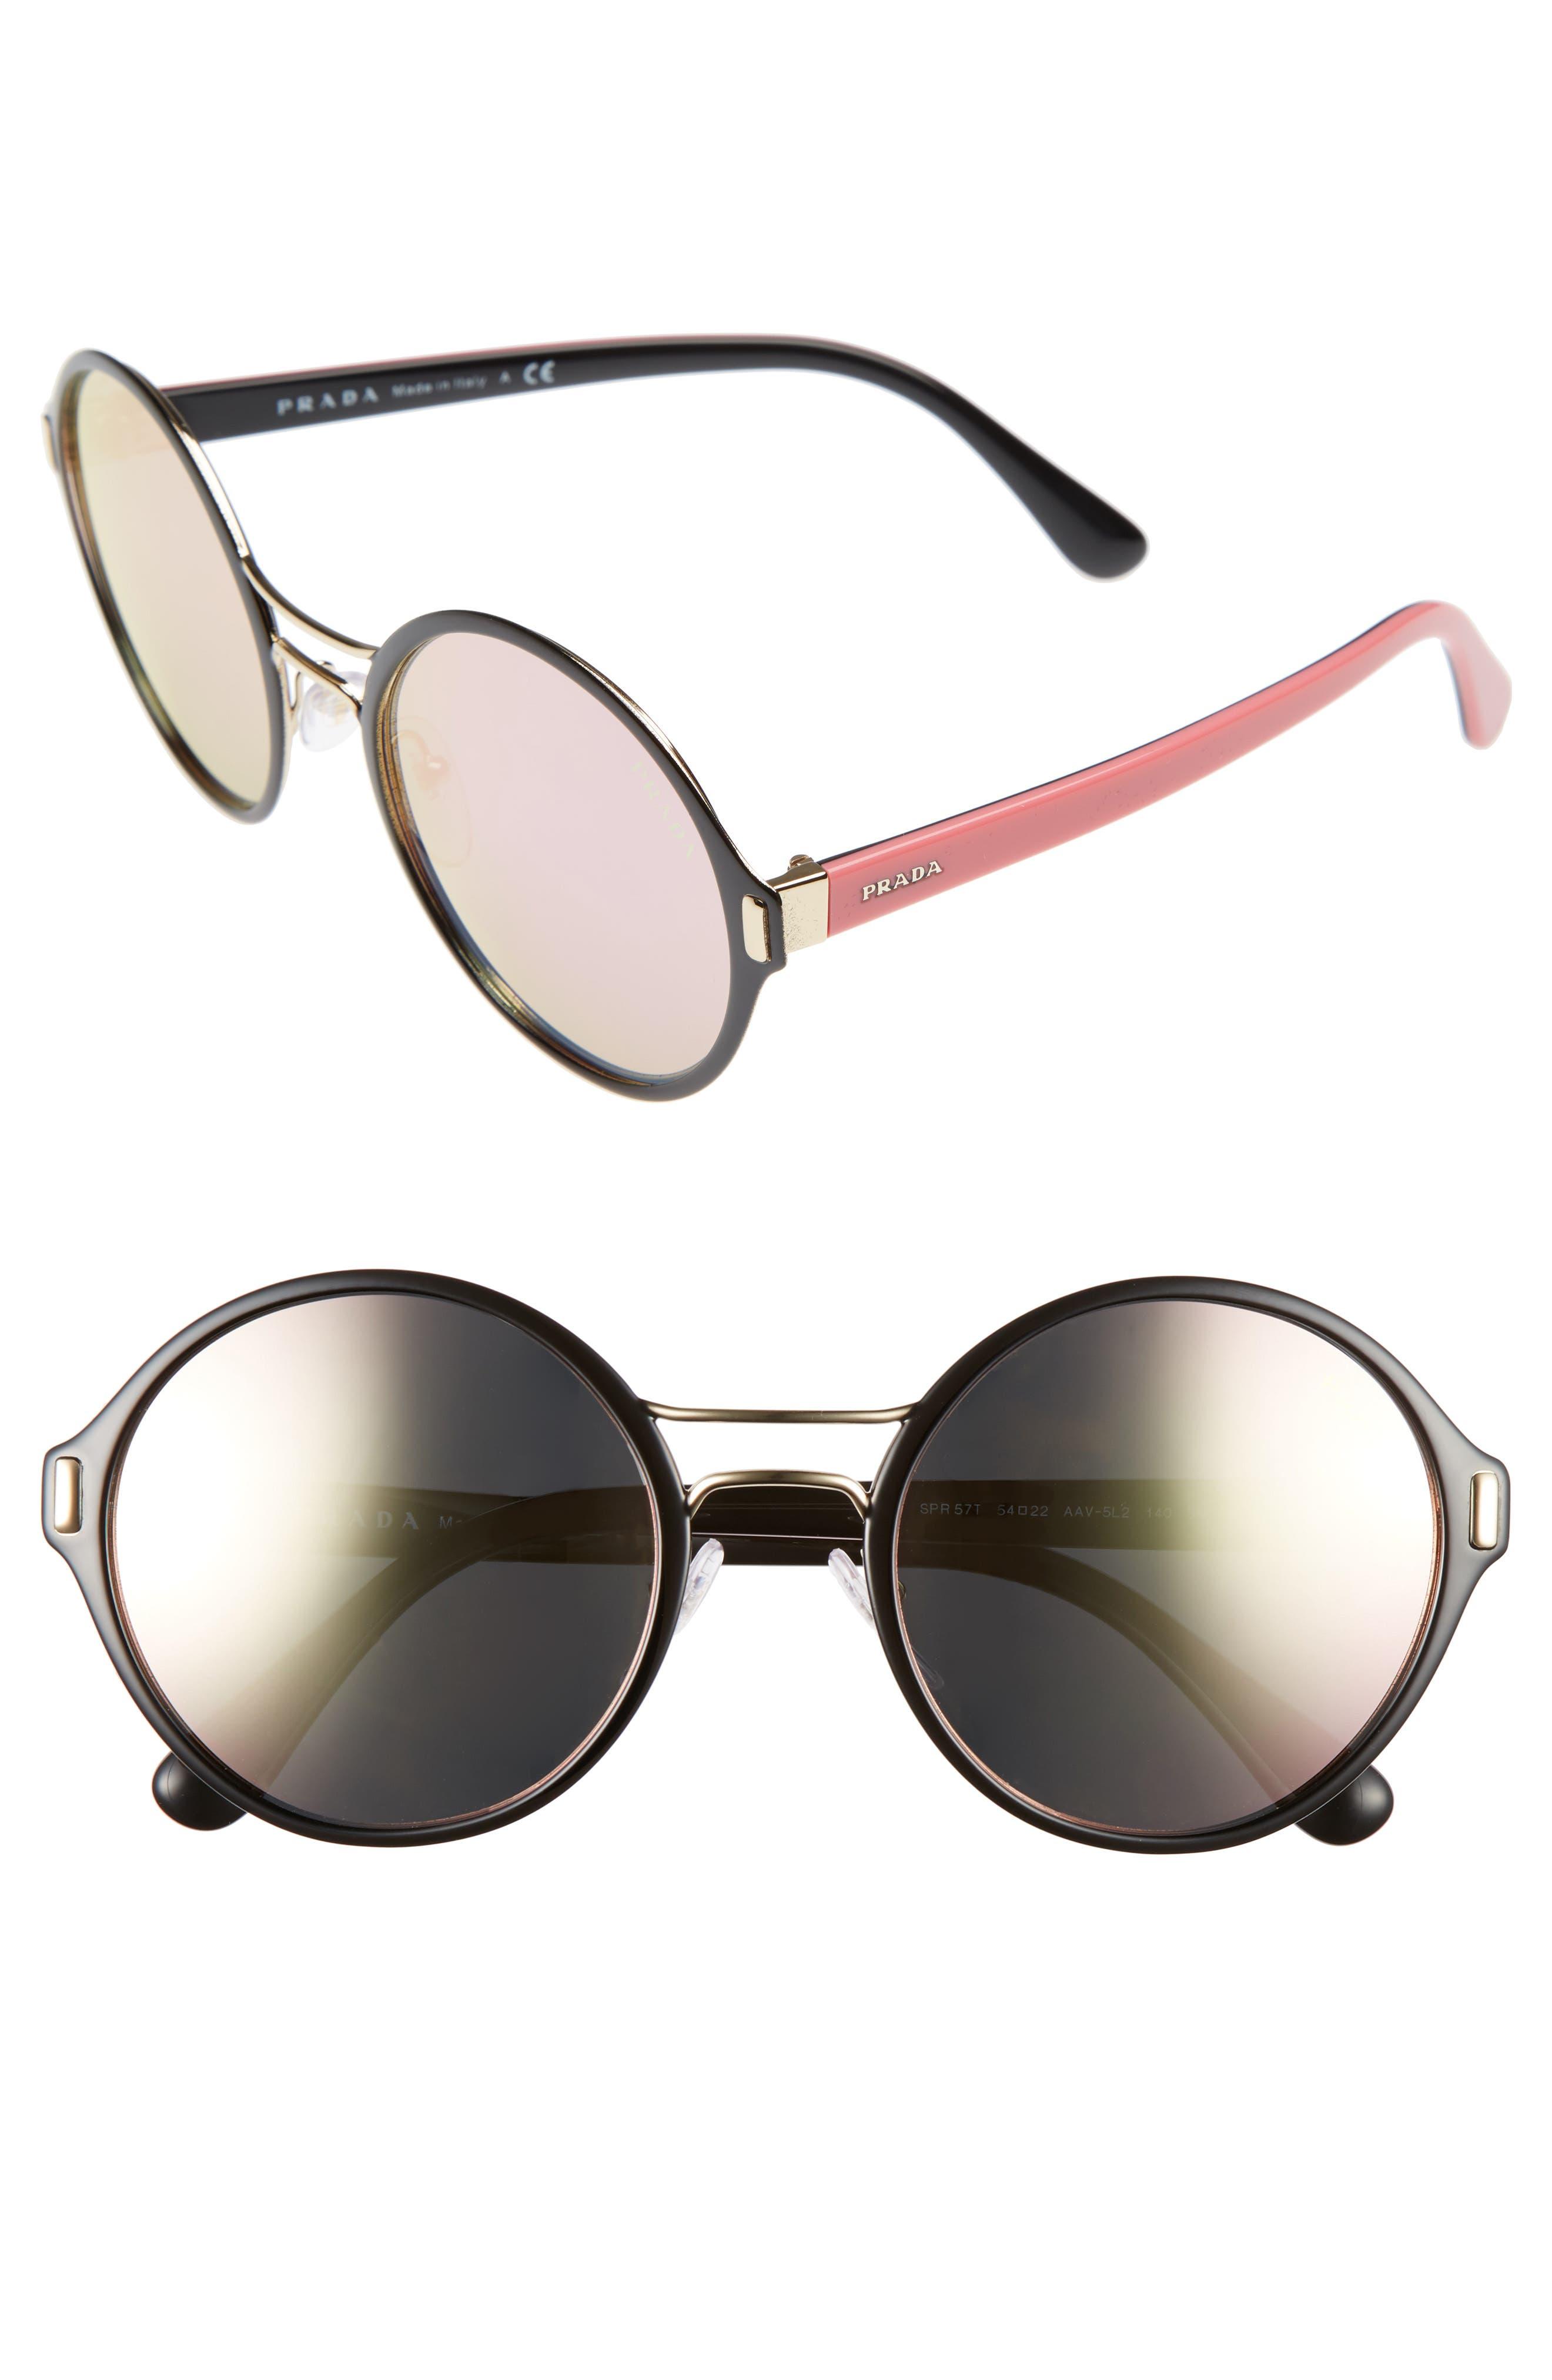 Main Image - Prada 54mm Mirrored Round Sunglasses